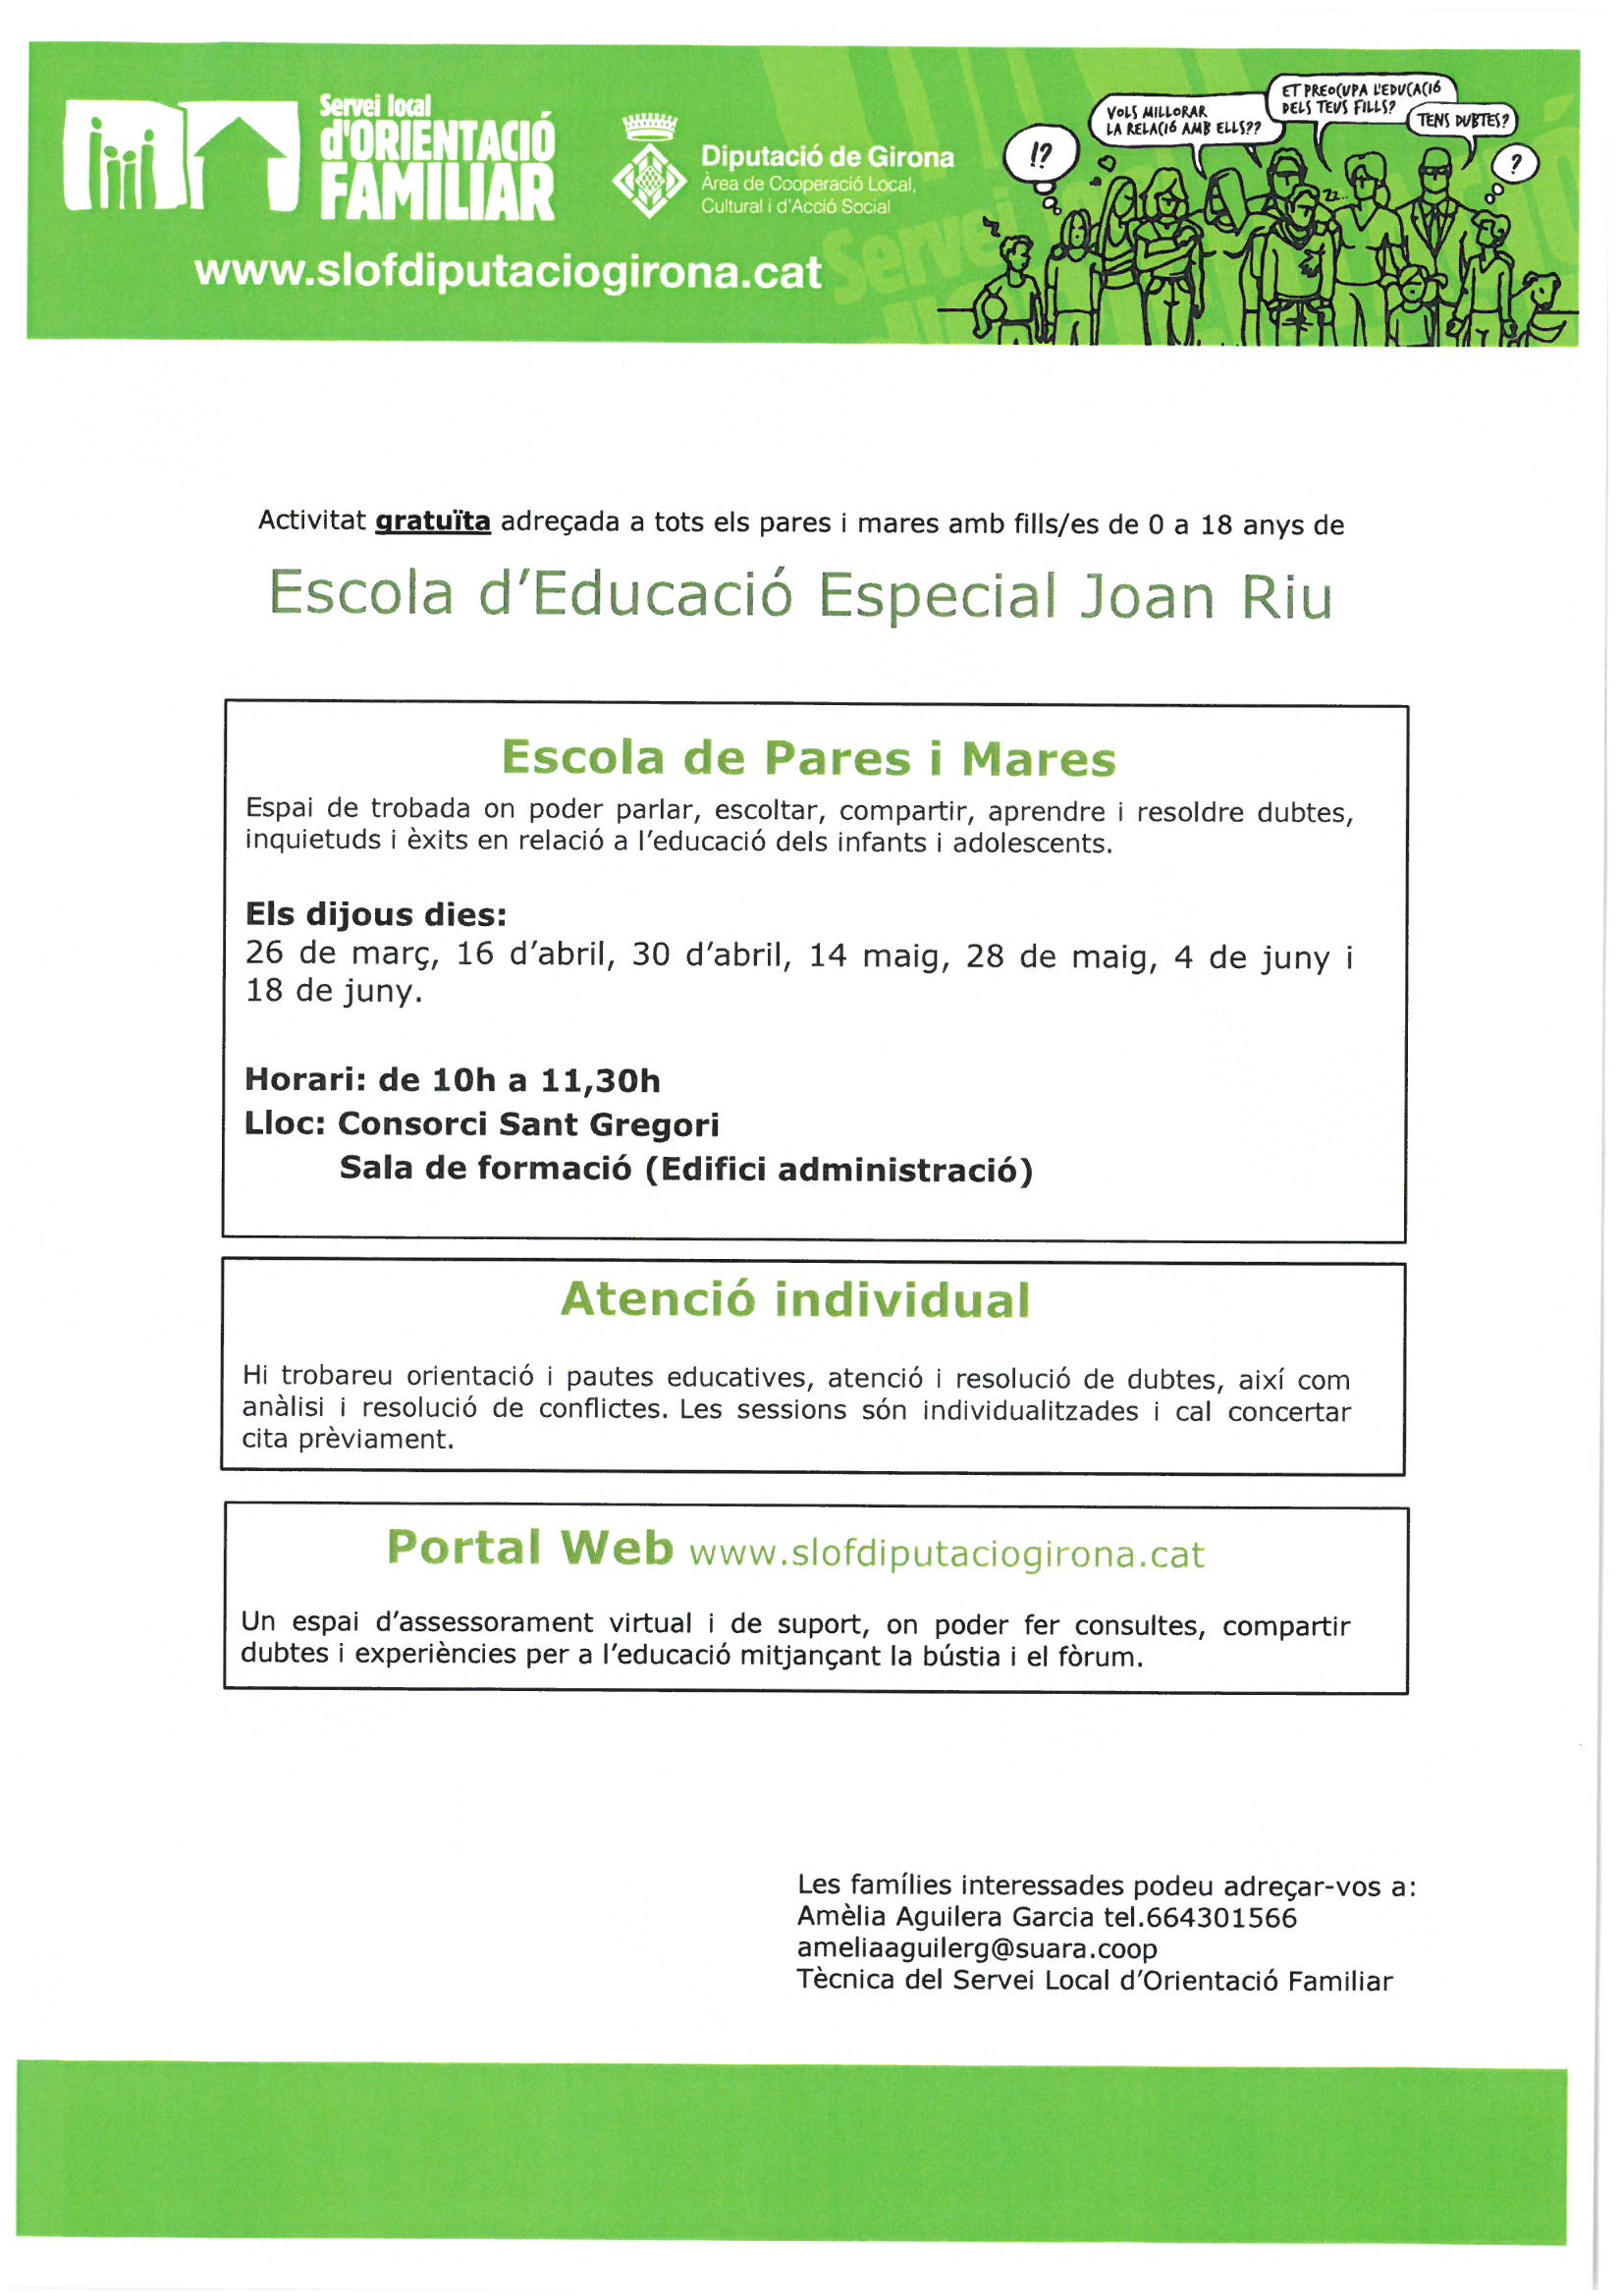 Activitat adreçada  a tots els pares i mares de l'Escola d'Educació Especial Joan Riu